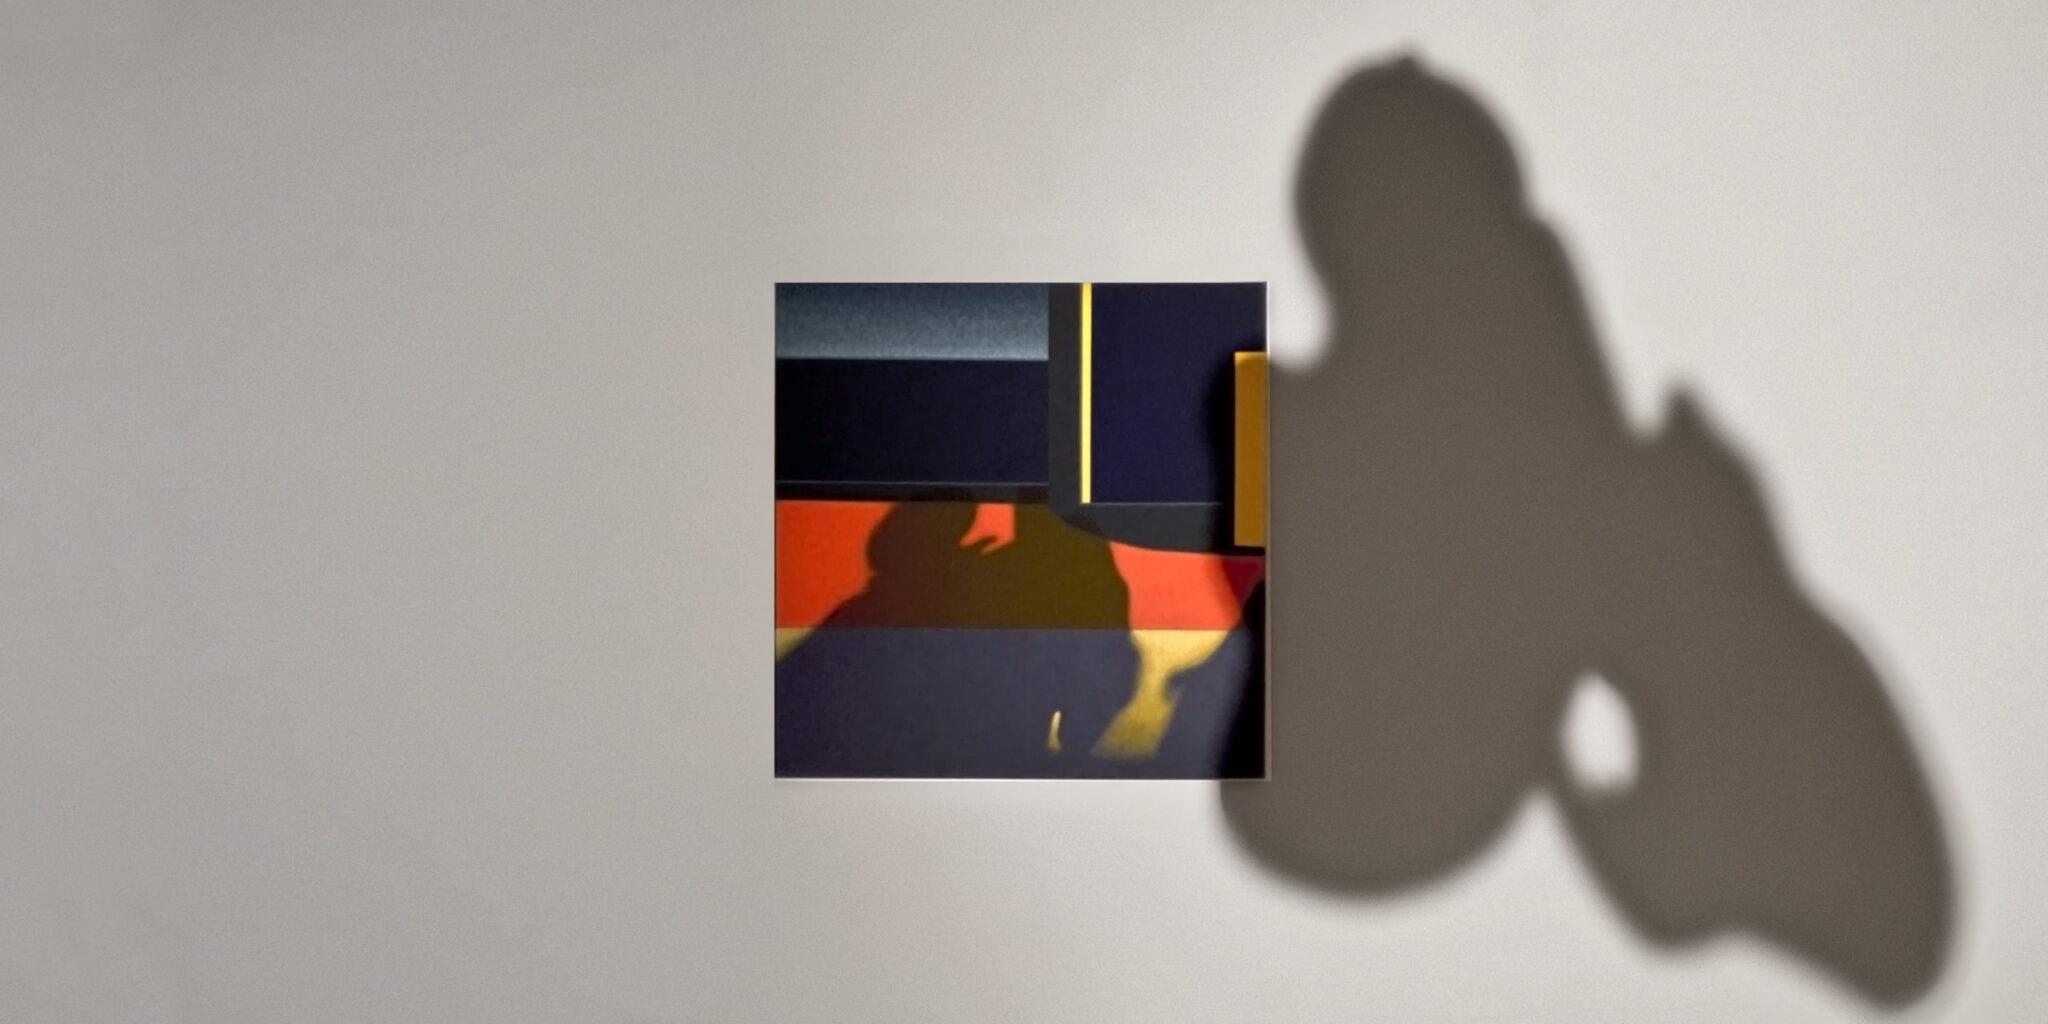 """Obraz """"Cień III"""" i cień obiektu wykonane w ramach stypendium """"Międzyprzestrzeń"""""""